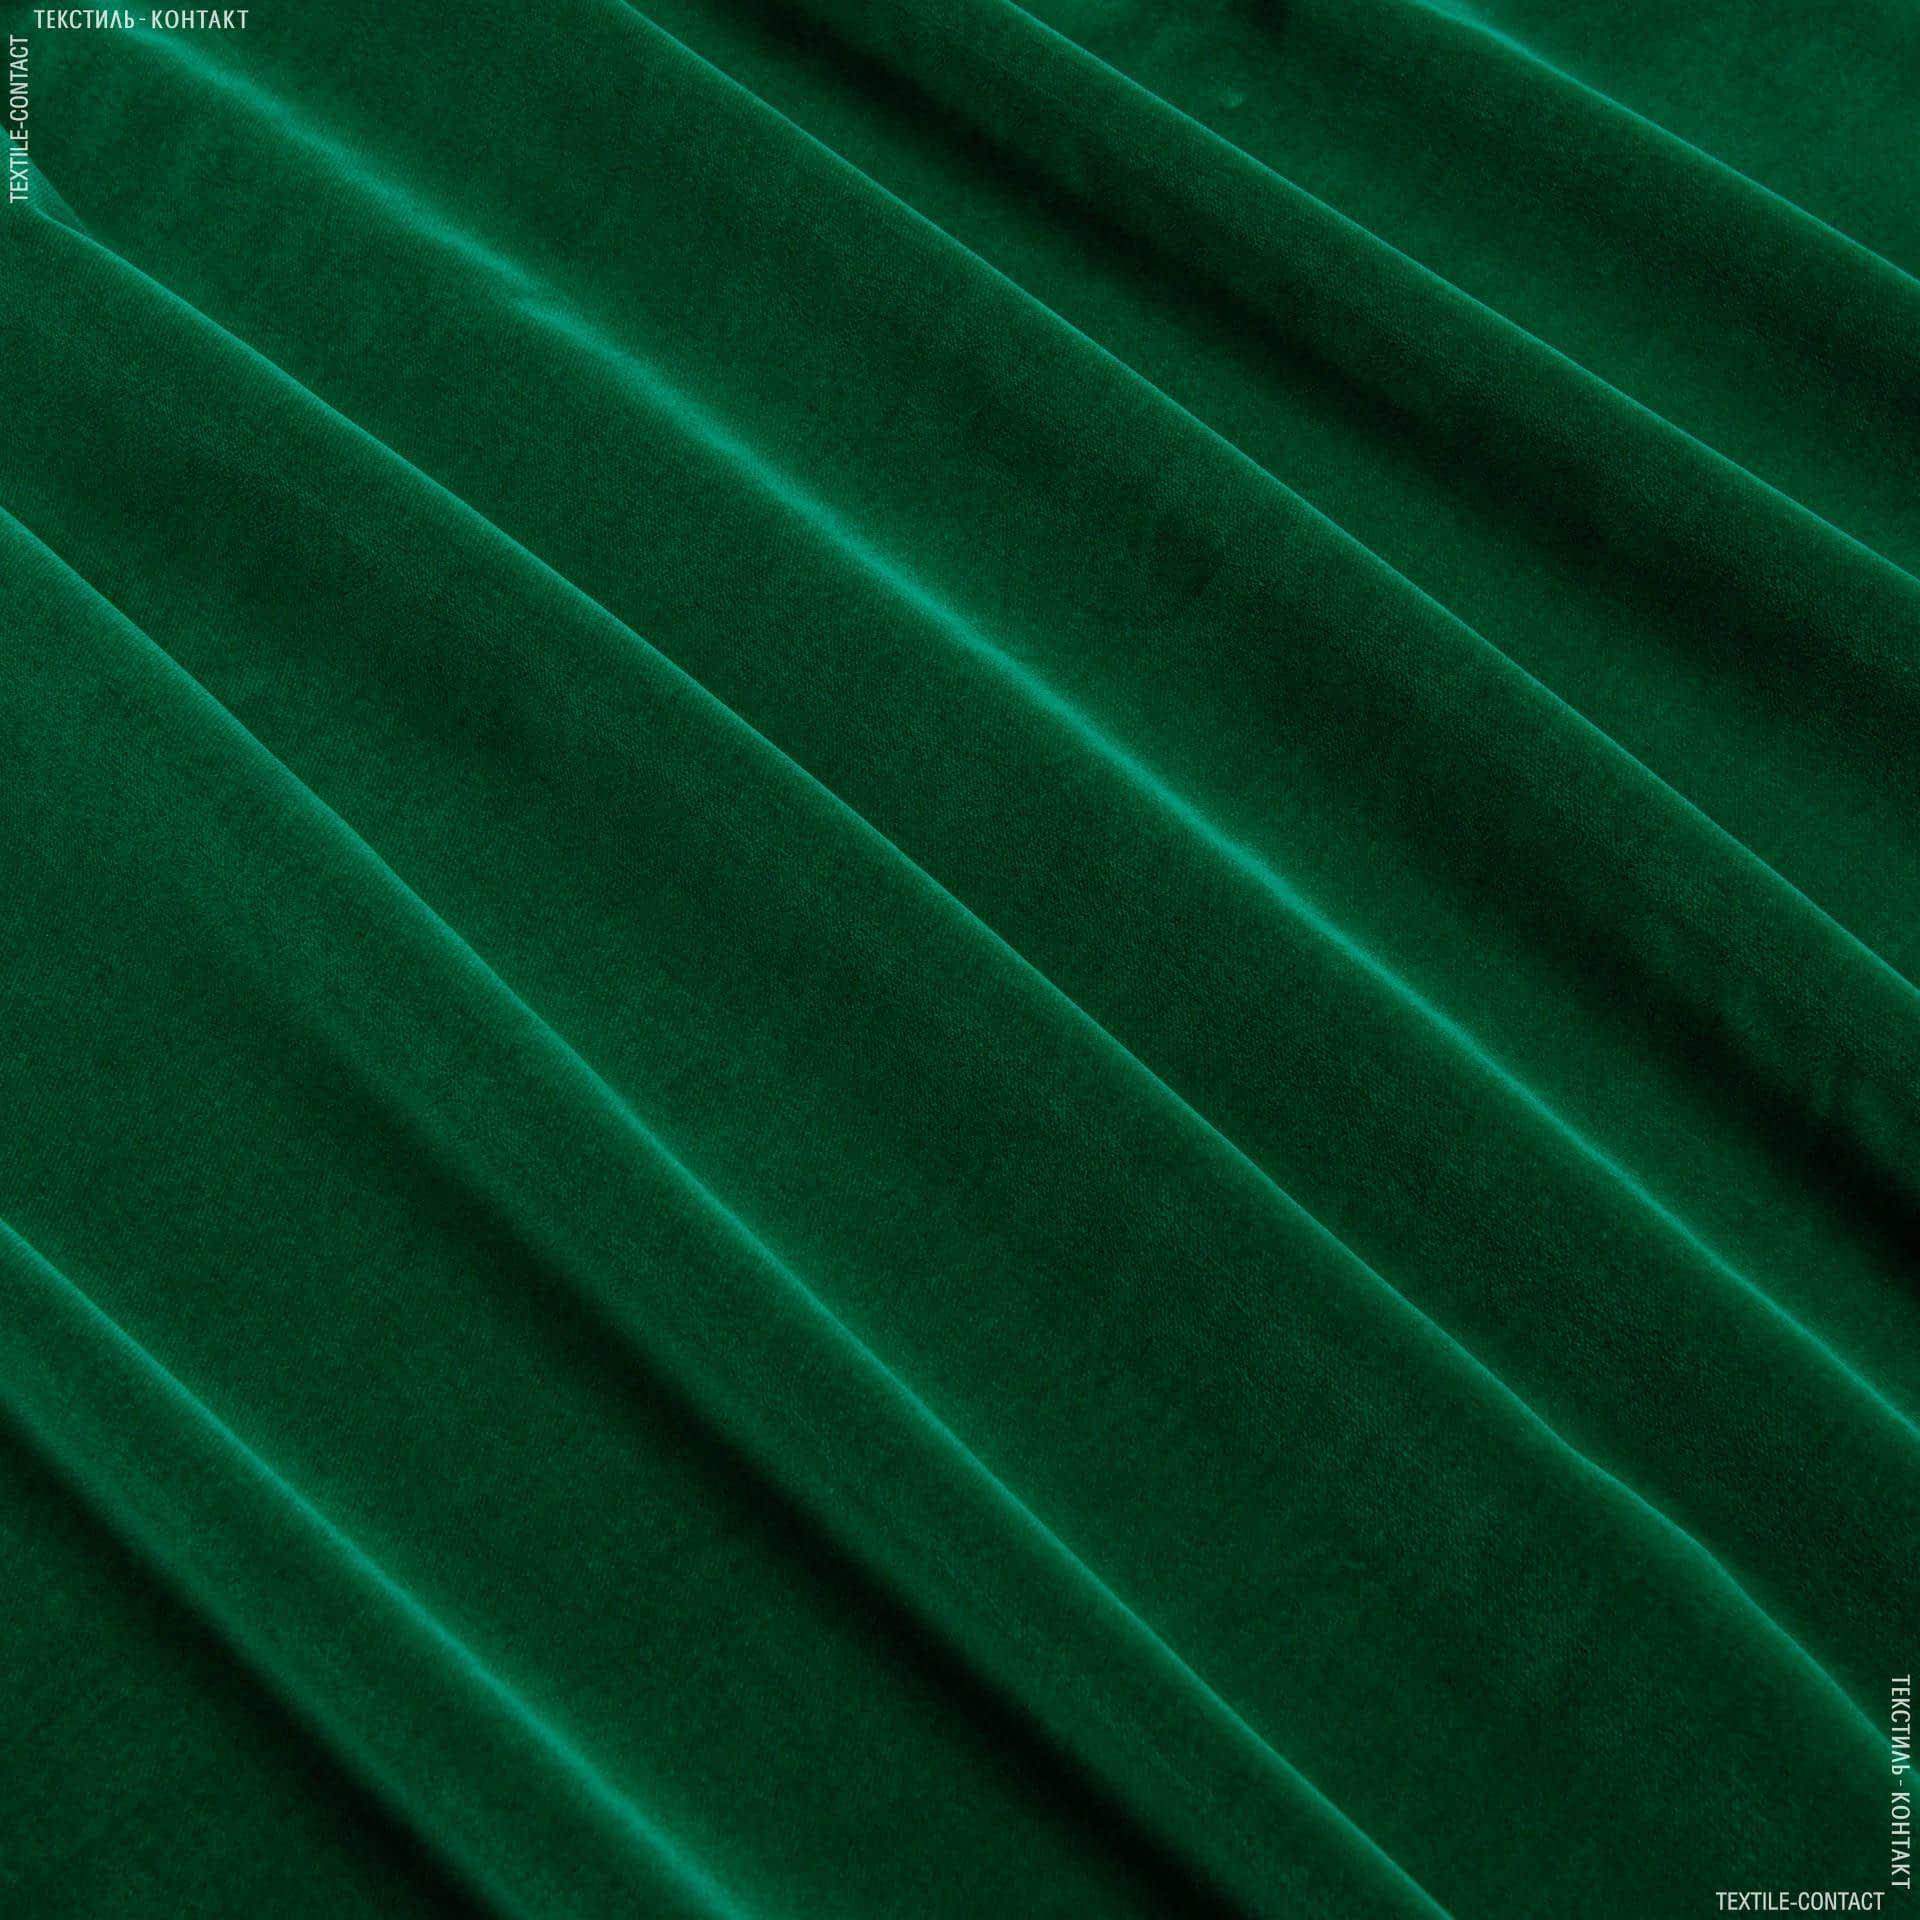 Ткани портьерные ткани - Велюр классик наварра ярко зеленый